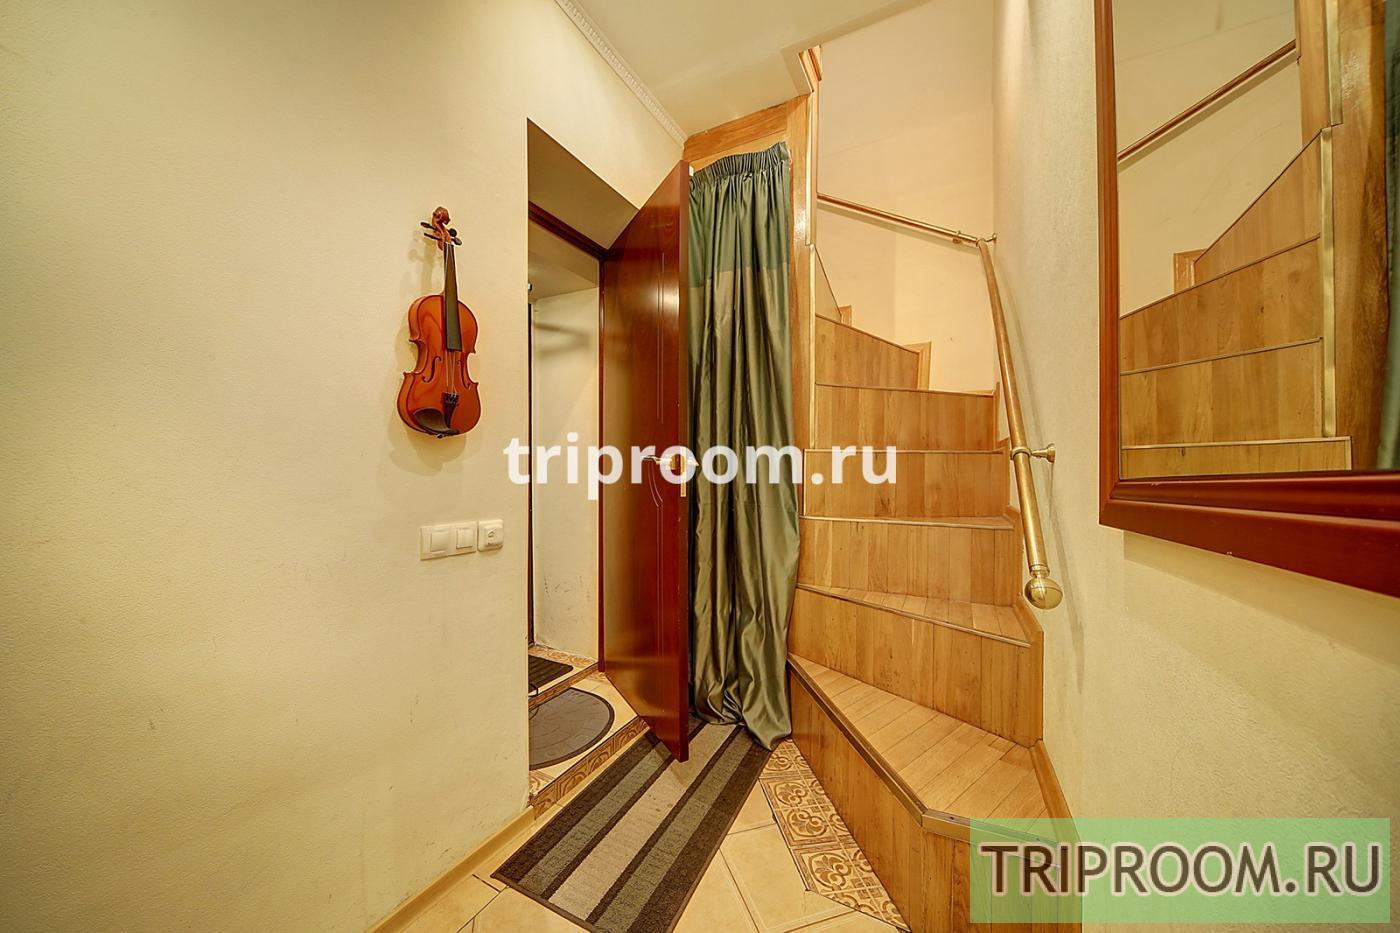 2-комнатная квартира посуточно (вариант № 15116), ул. Большая Конюшенная улица, фото № 21